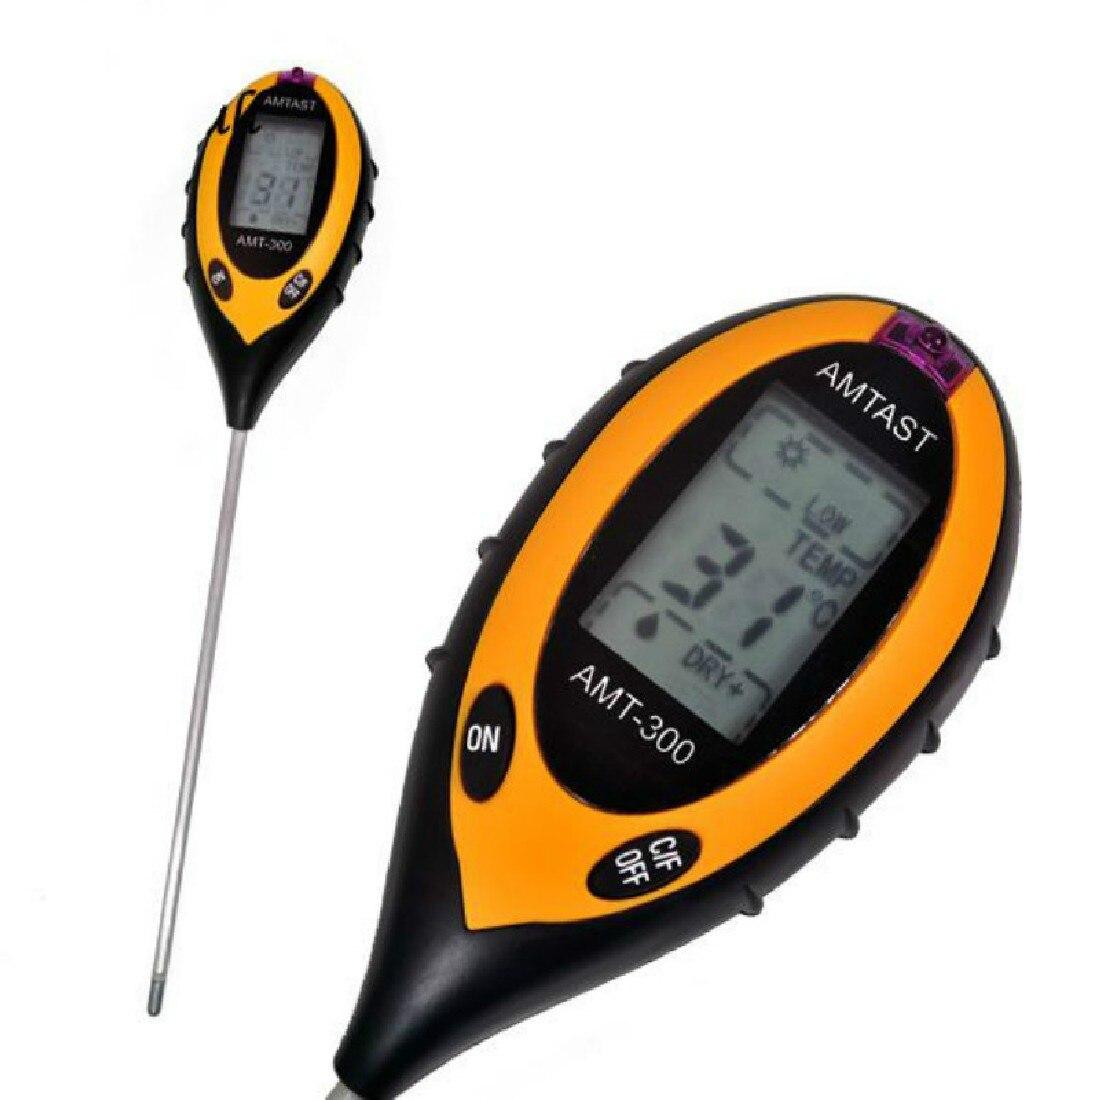 New 4 in 1 Plant Soil PH Moisture Light Soil Meter Thermometer Soil Survey font b